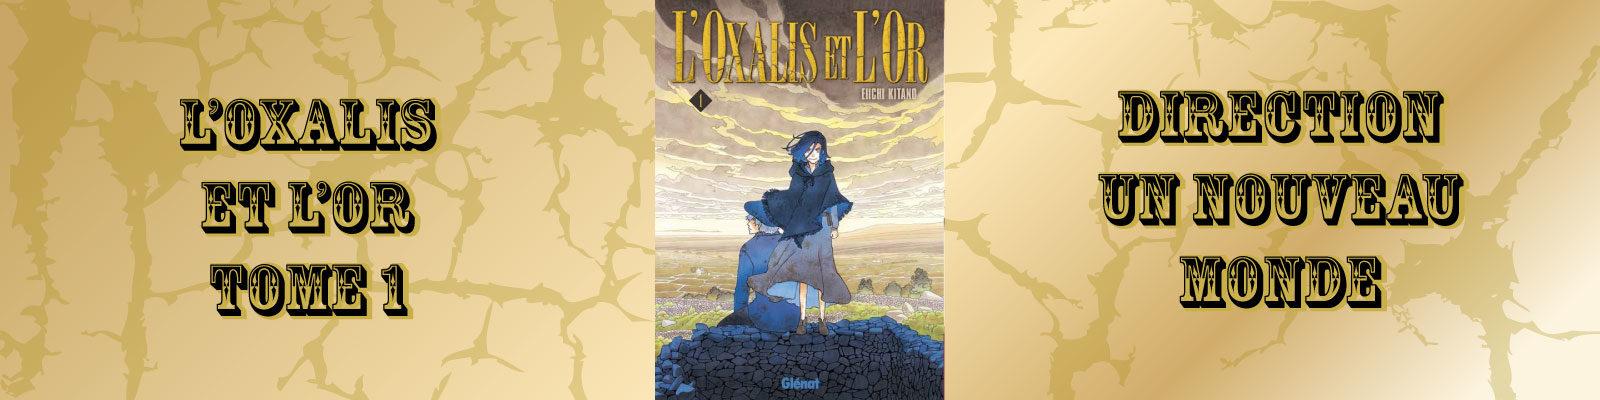 L'Oxalis et l'Or-Vol.-1